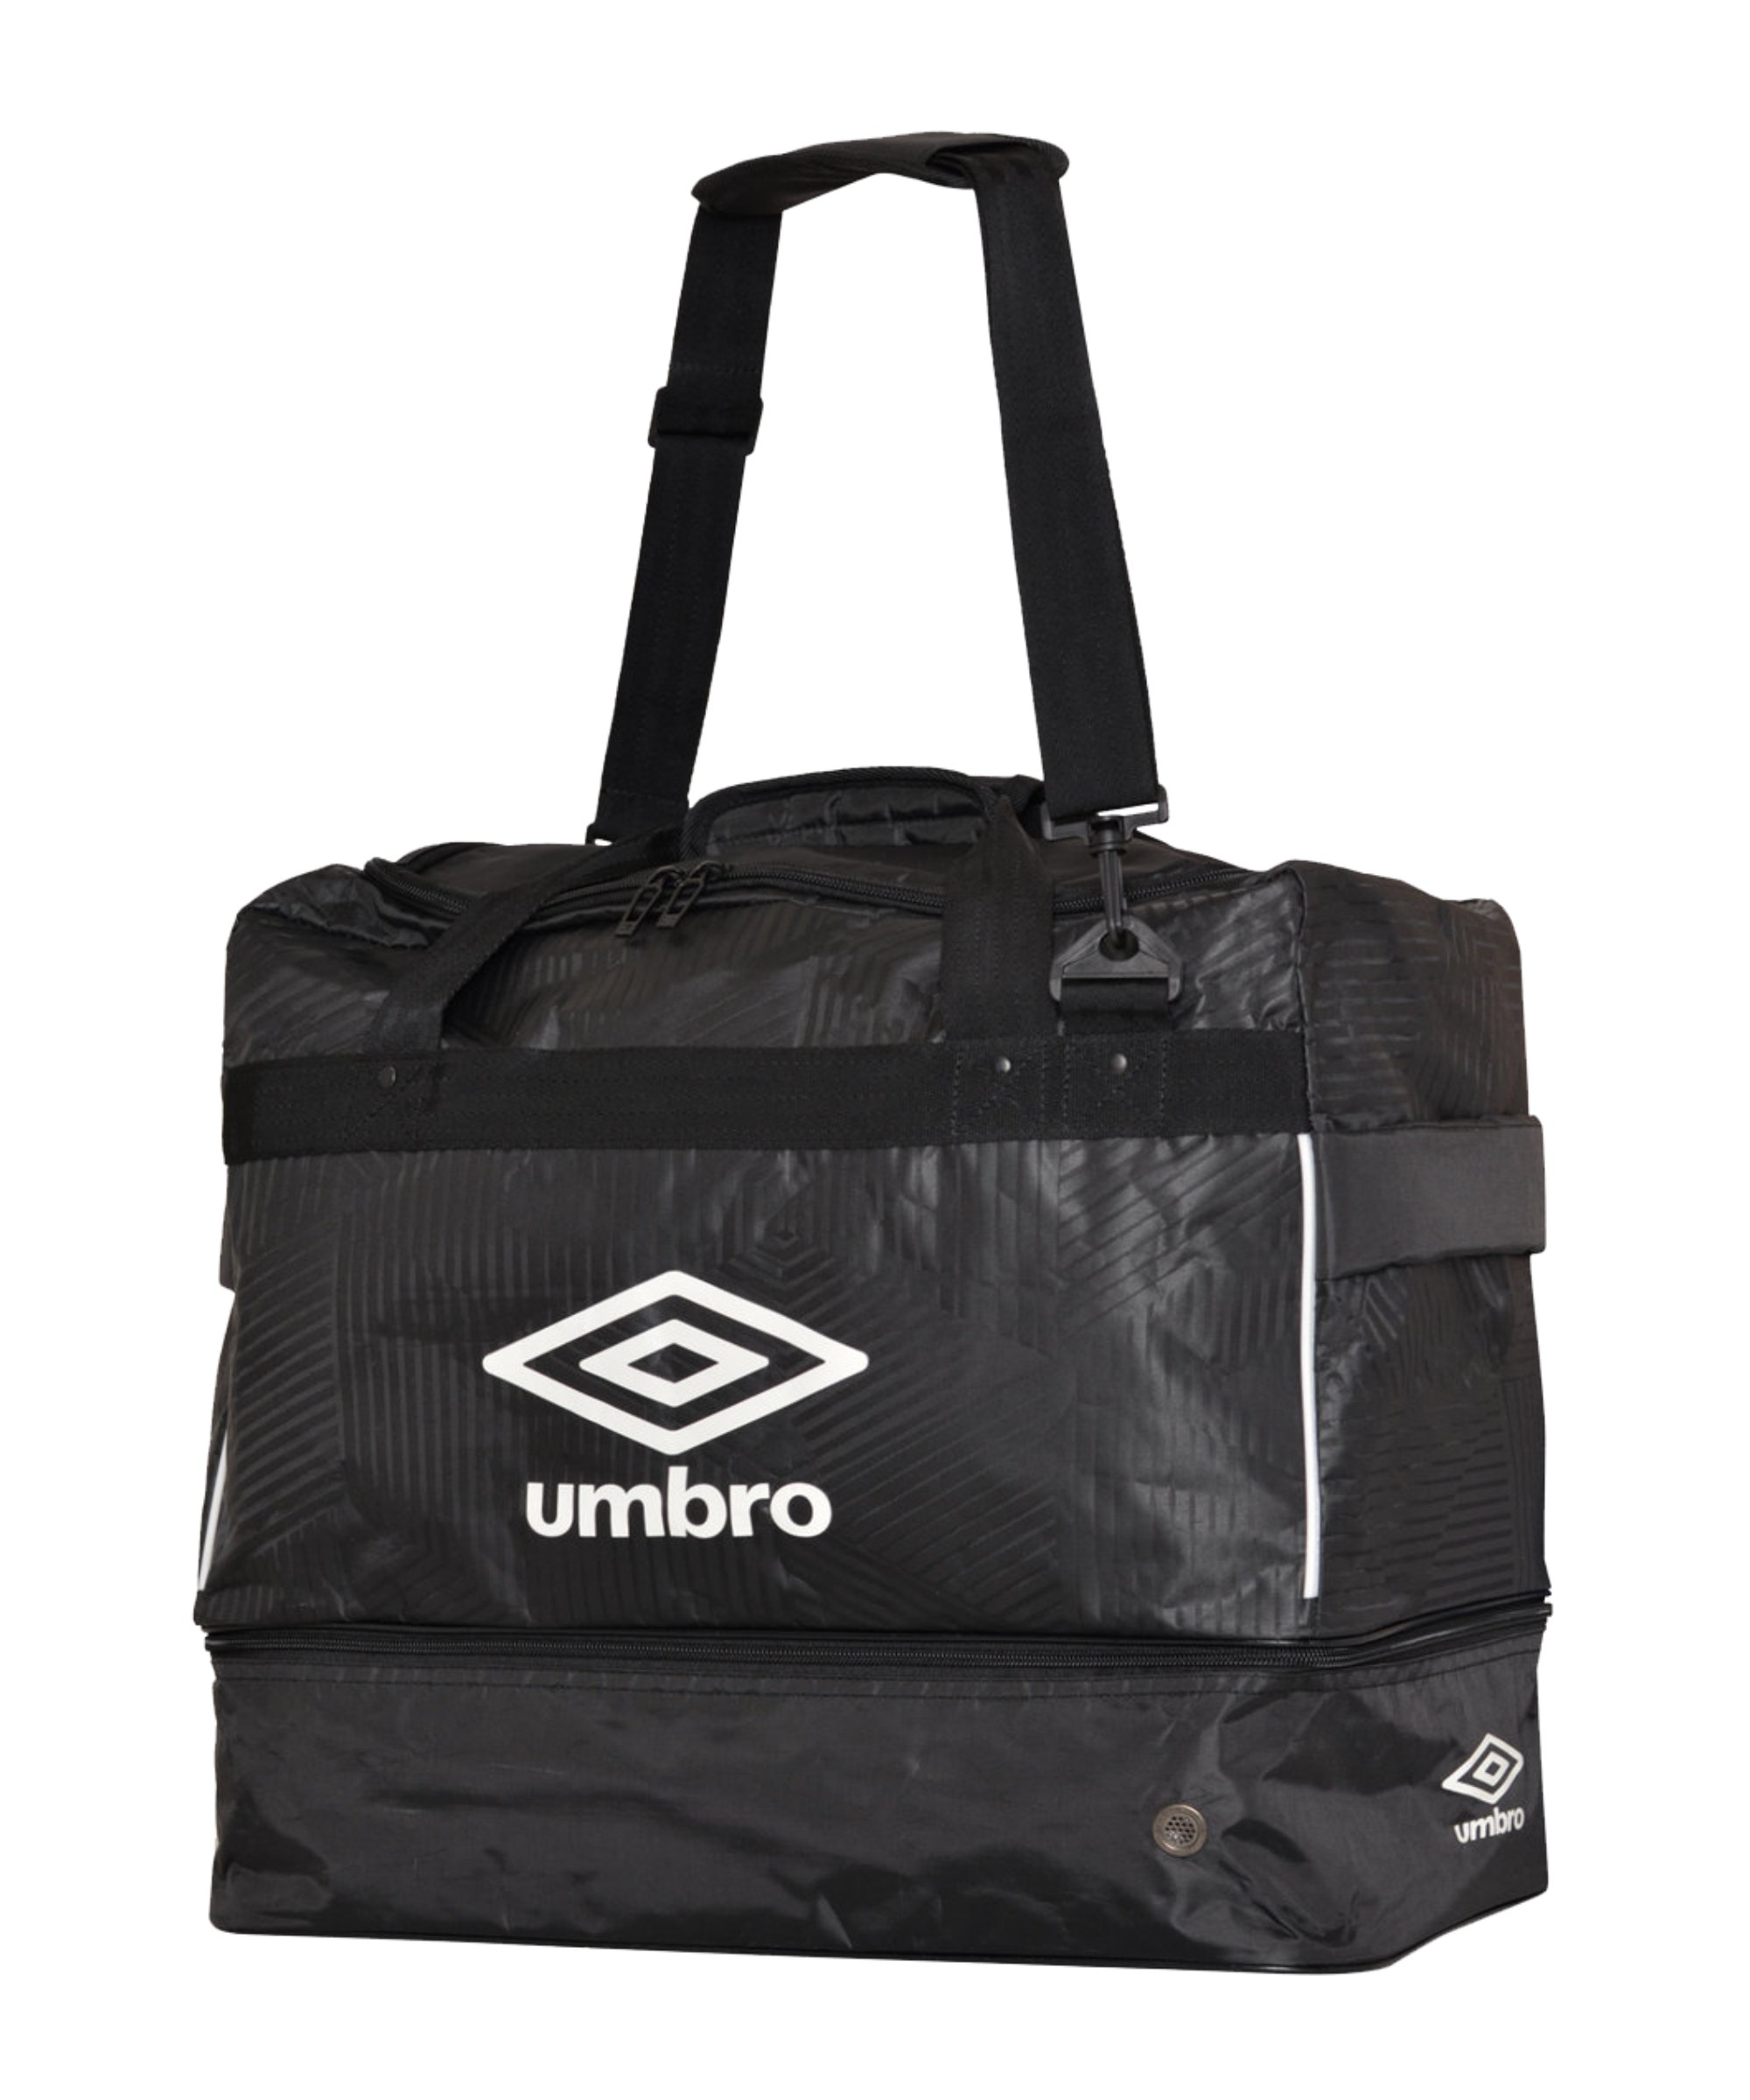 Umbro Maxium Tasche Gr. M mit Bodenfach Kids F090 - schwarz